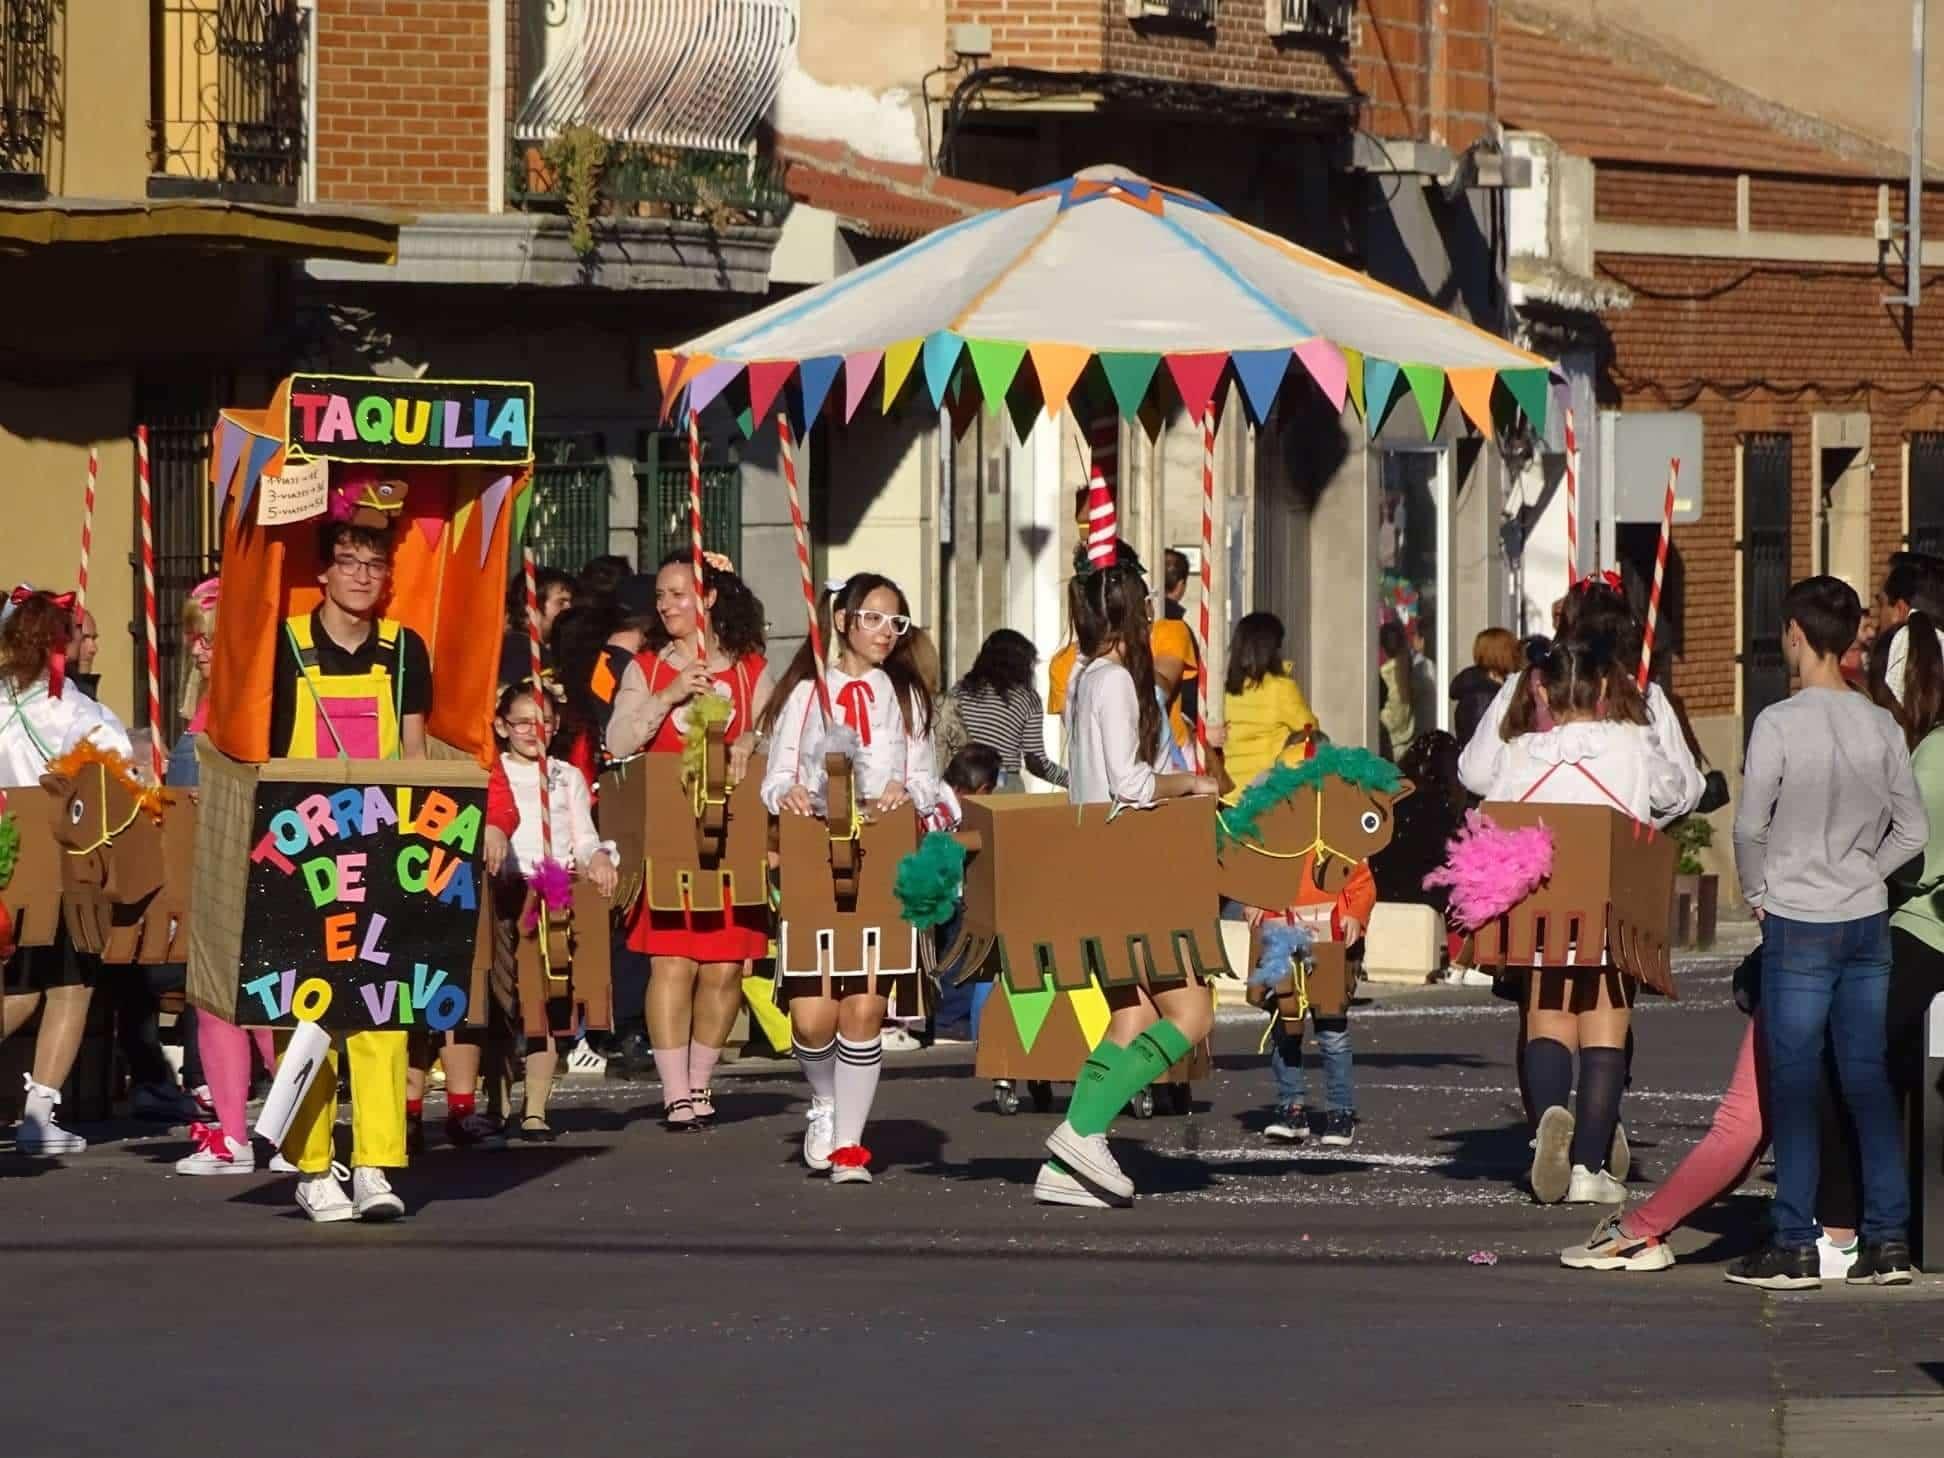 El colorido, el ingenio y el humor, protagonistas del carnaval en Torralba de Calatrava 9